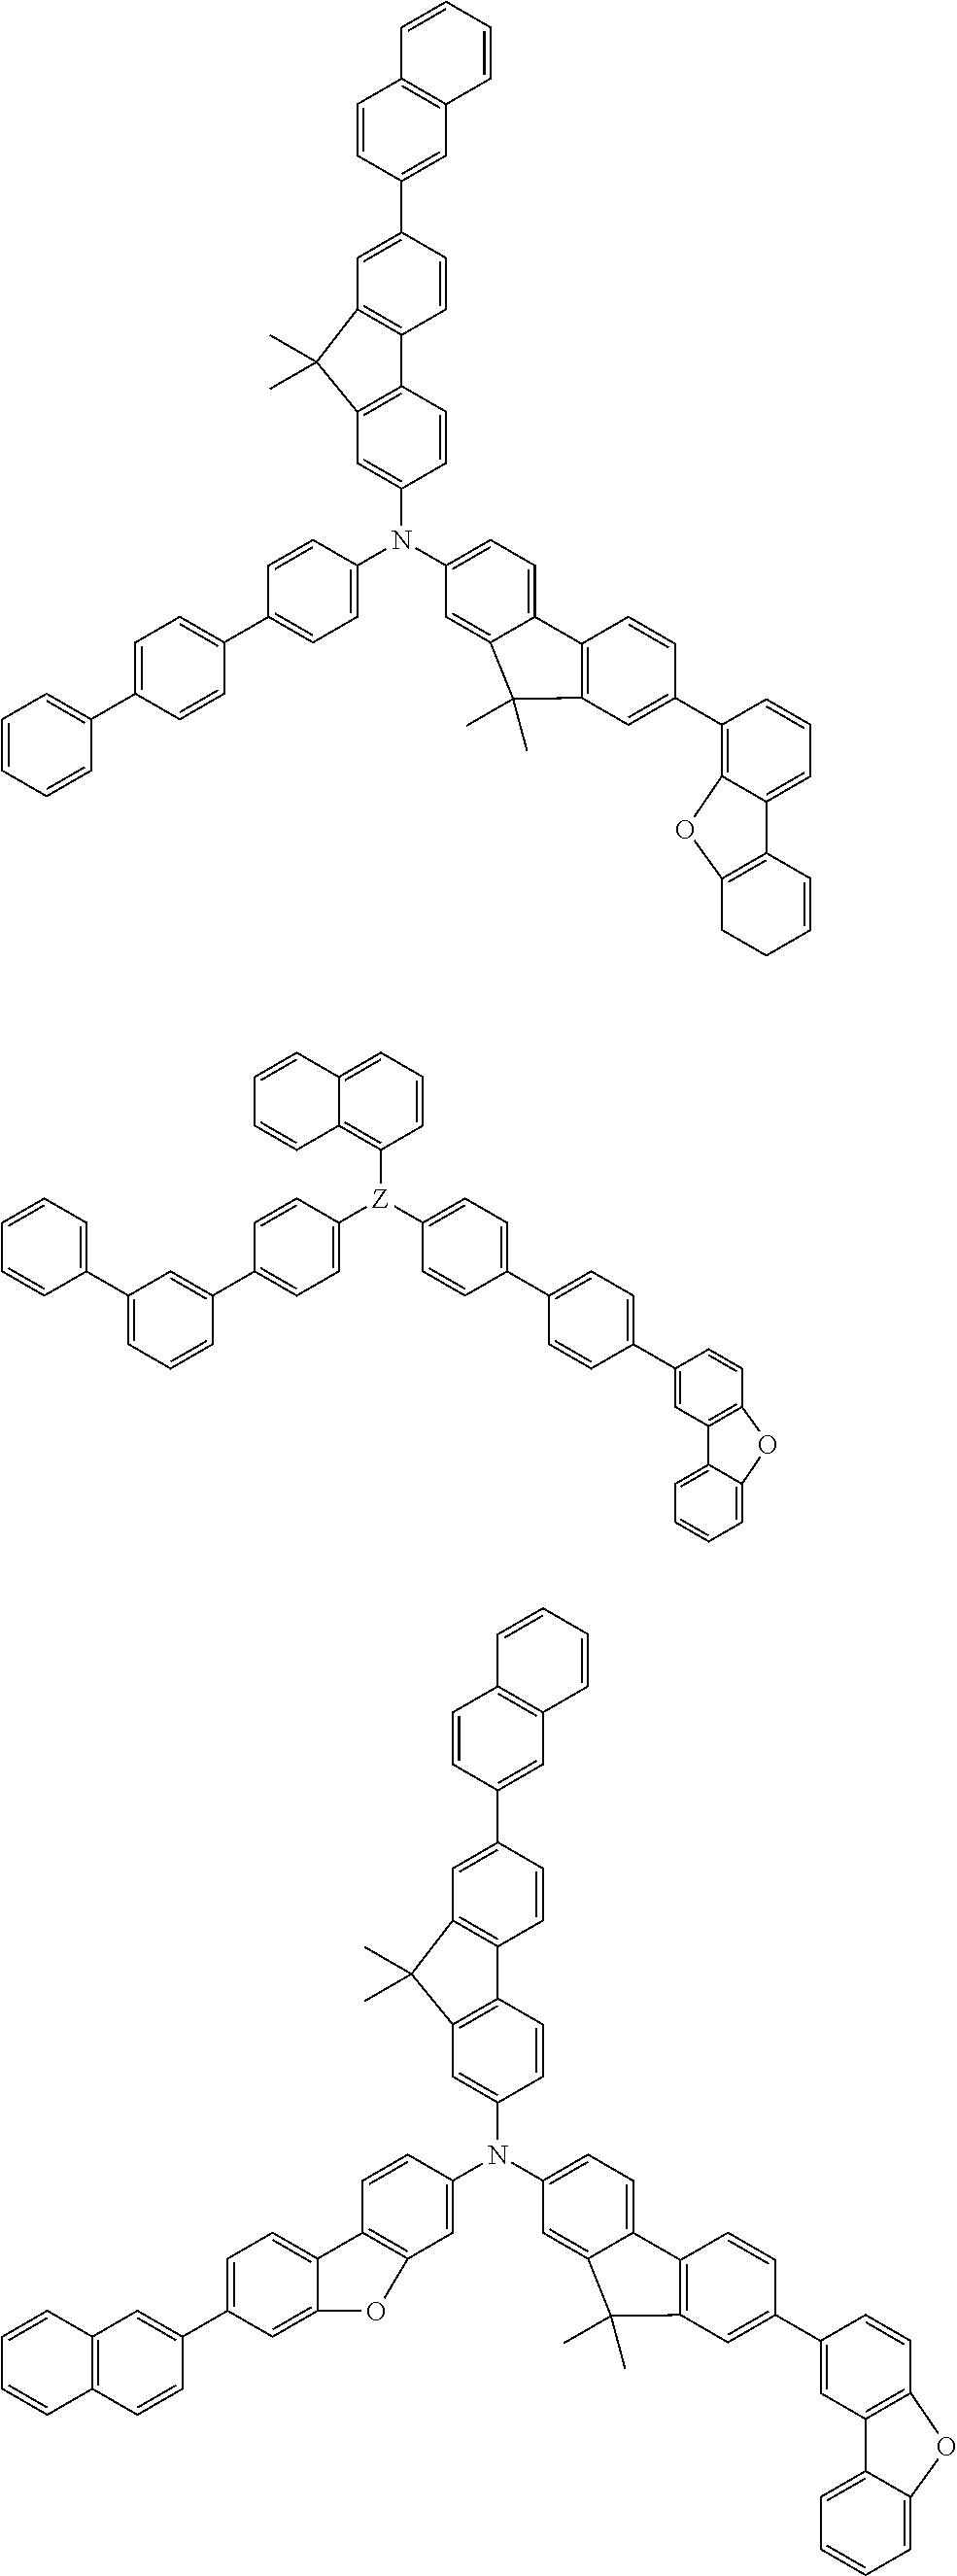 Figure US09257663-20160209-C00013